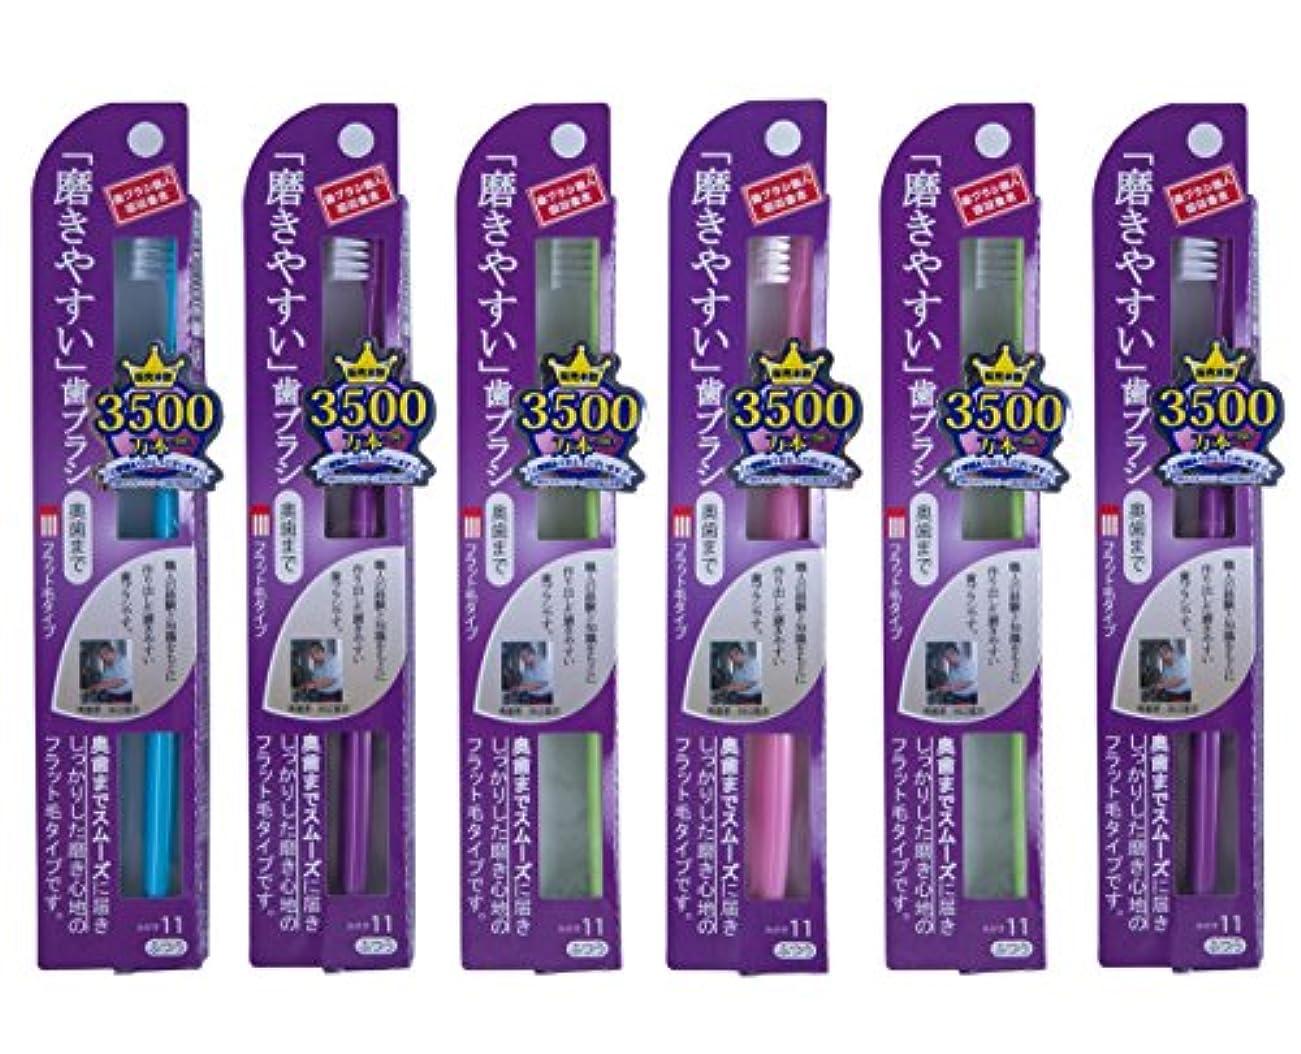 エステートピッチャーストレージ歯ブラシ職人田辺重吉 磨きやすい歯ブラシ LT-11 (6本パック)